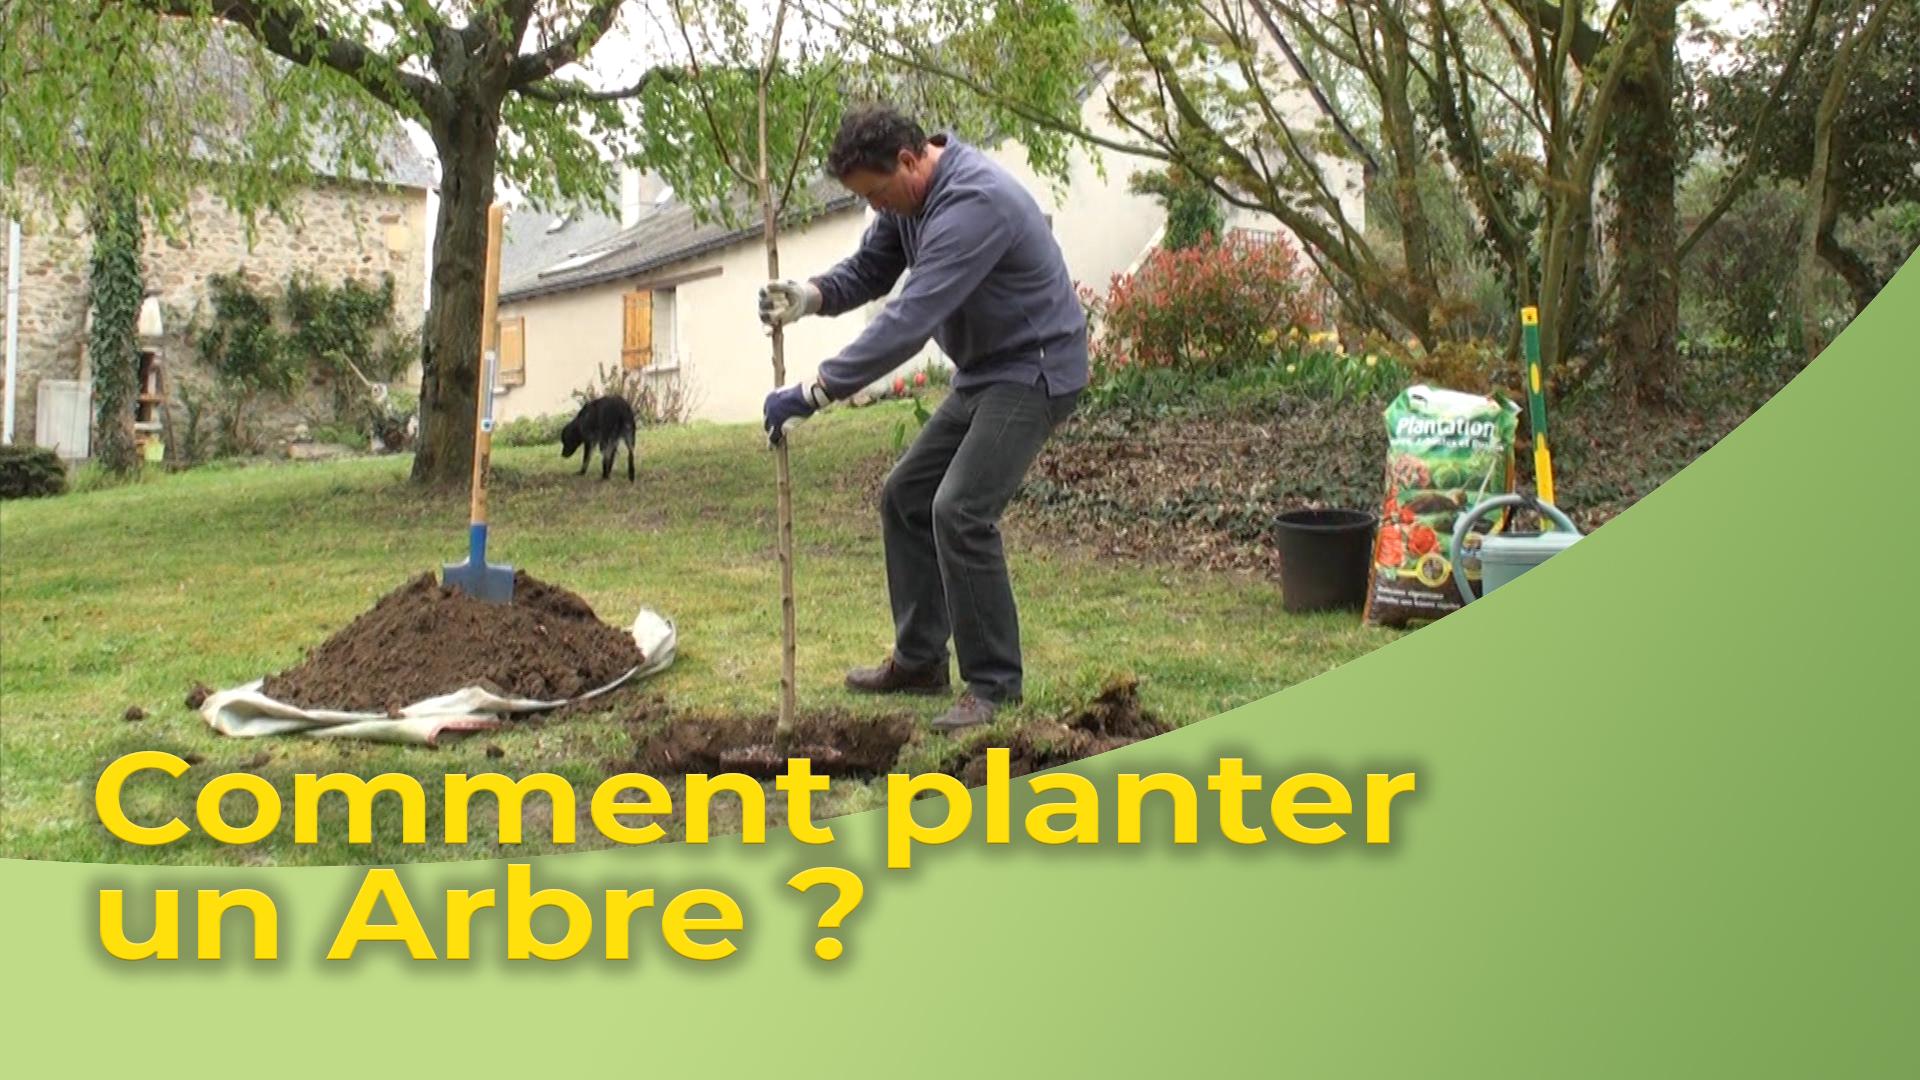 Comment Planter Un Arbre Fruitier comment planter un arbre ? - objectif habitat